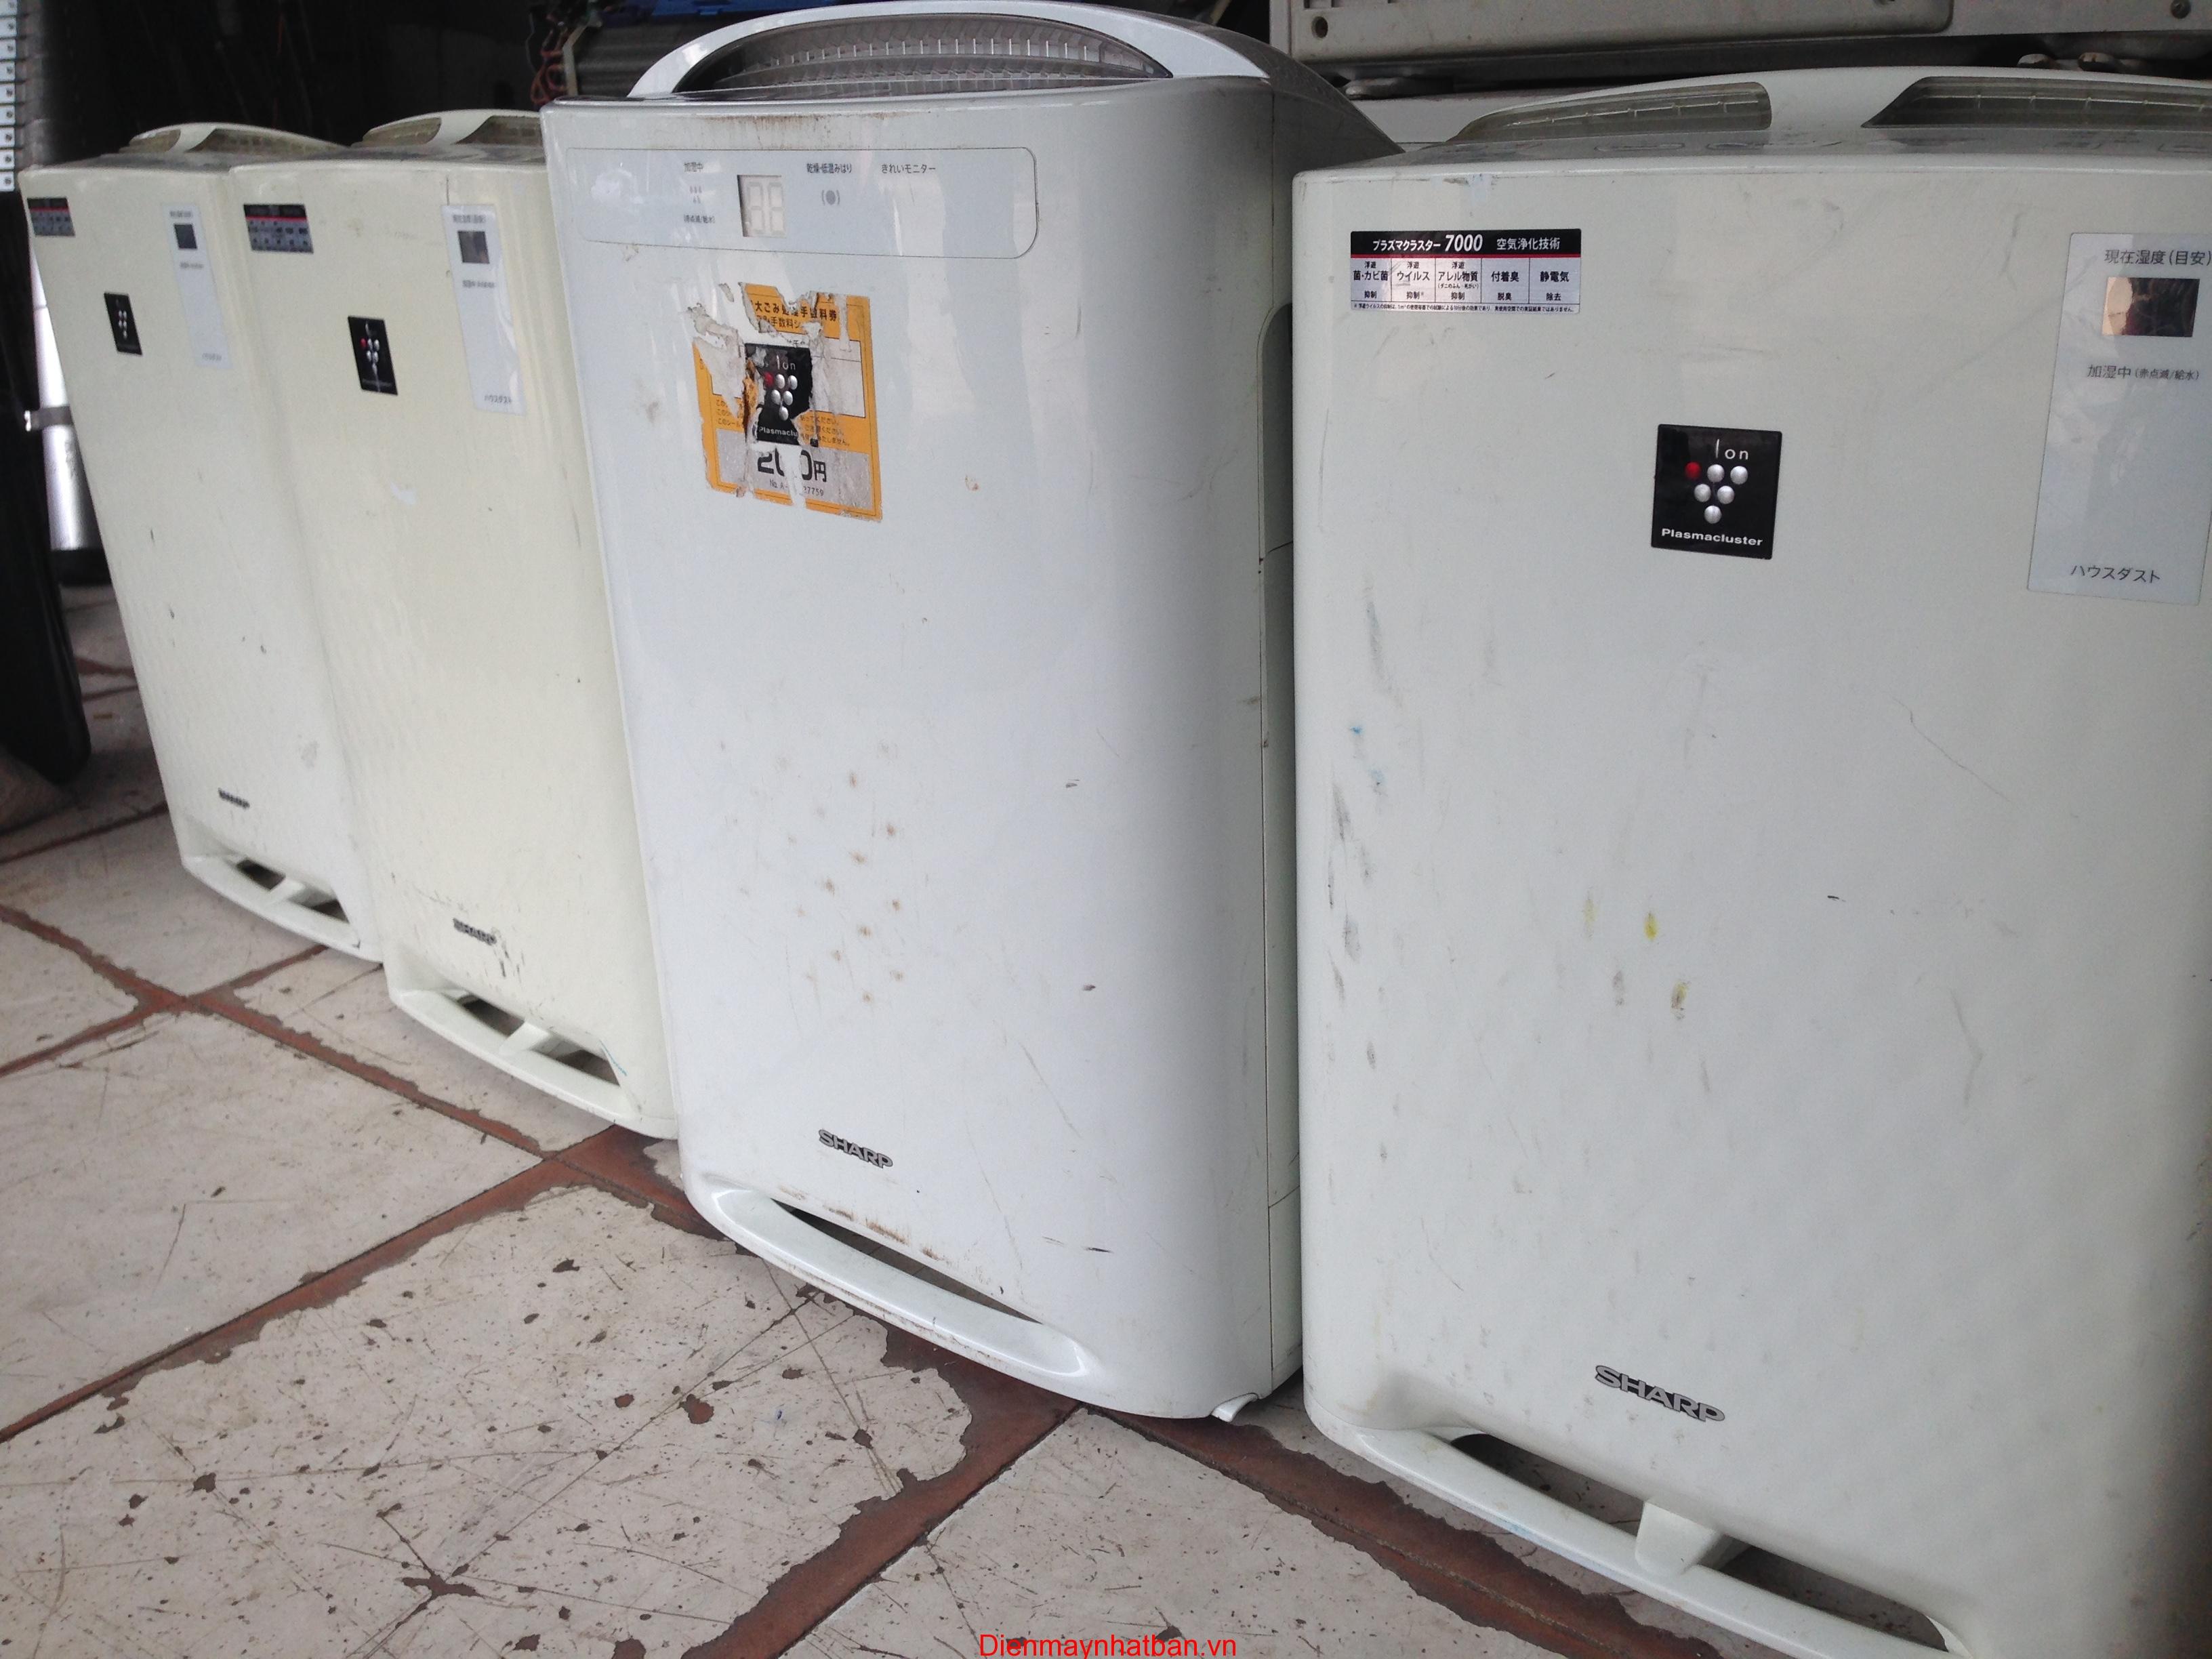 Kho máy lạnh nội địa Nhật giá sỉ cho Anh Em bạn thợ,bảo hành 24 tháng chỉ 500k - 11